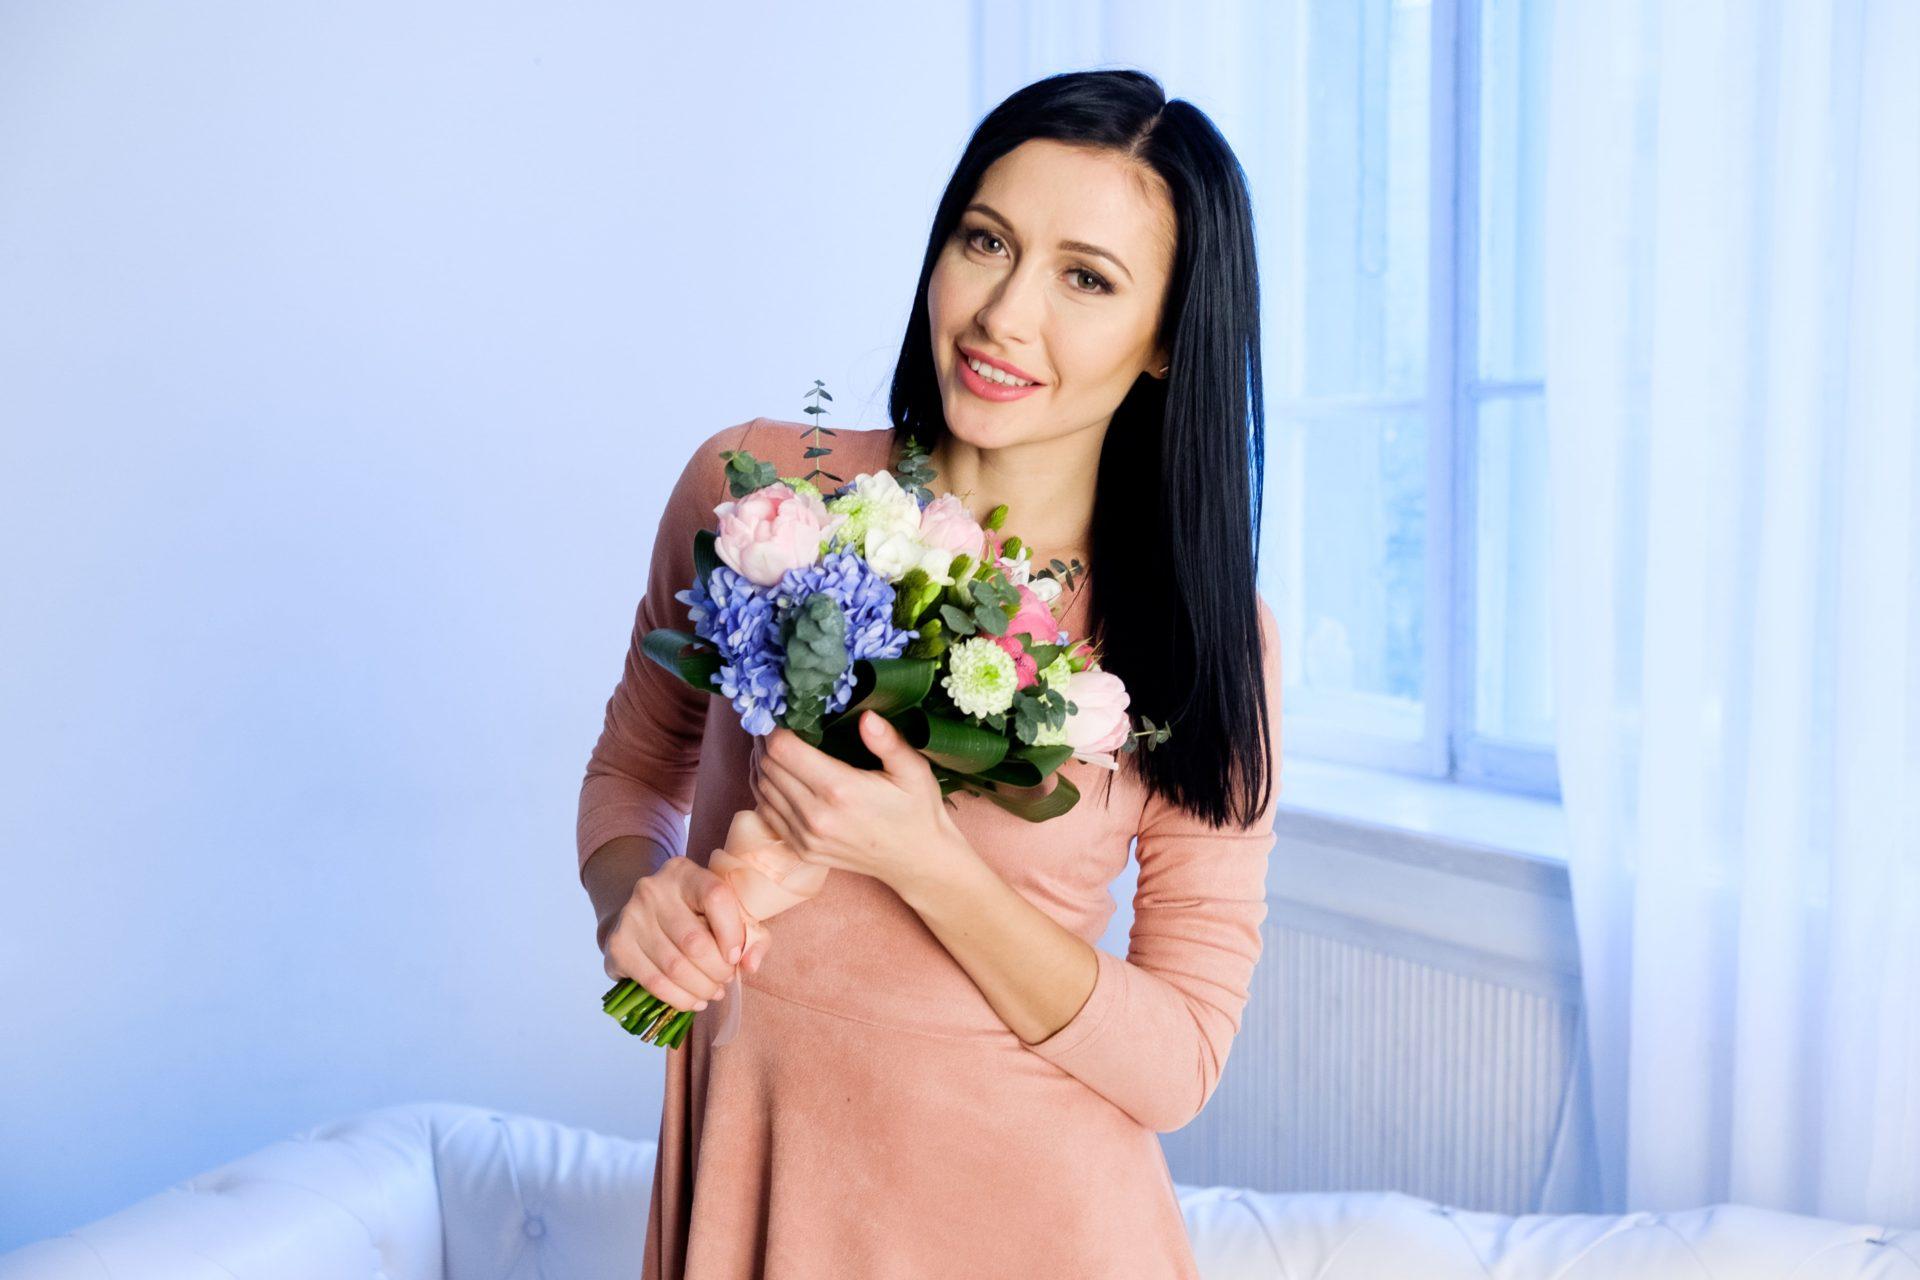 Людмила Аржанухіна – керівник компанії «Ролети України»